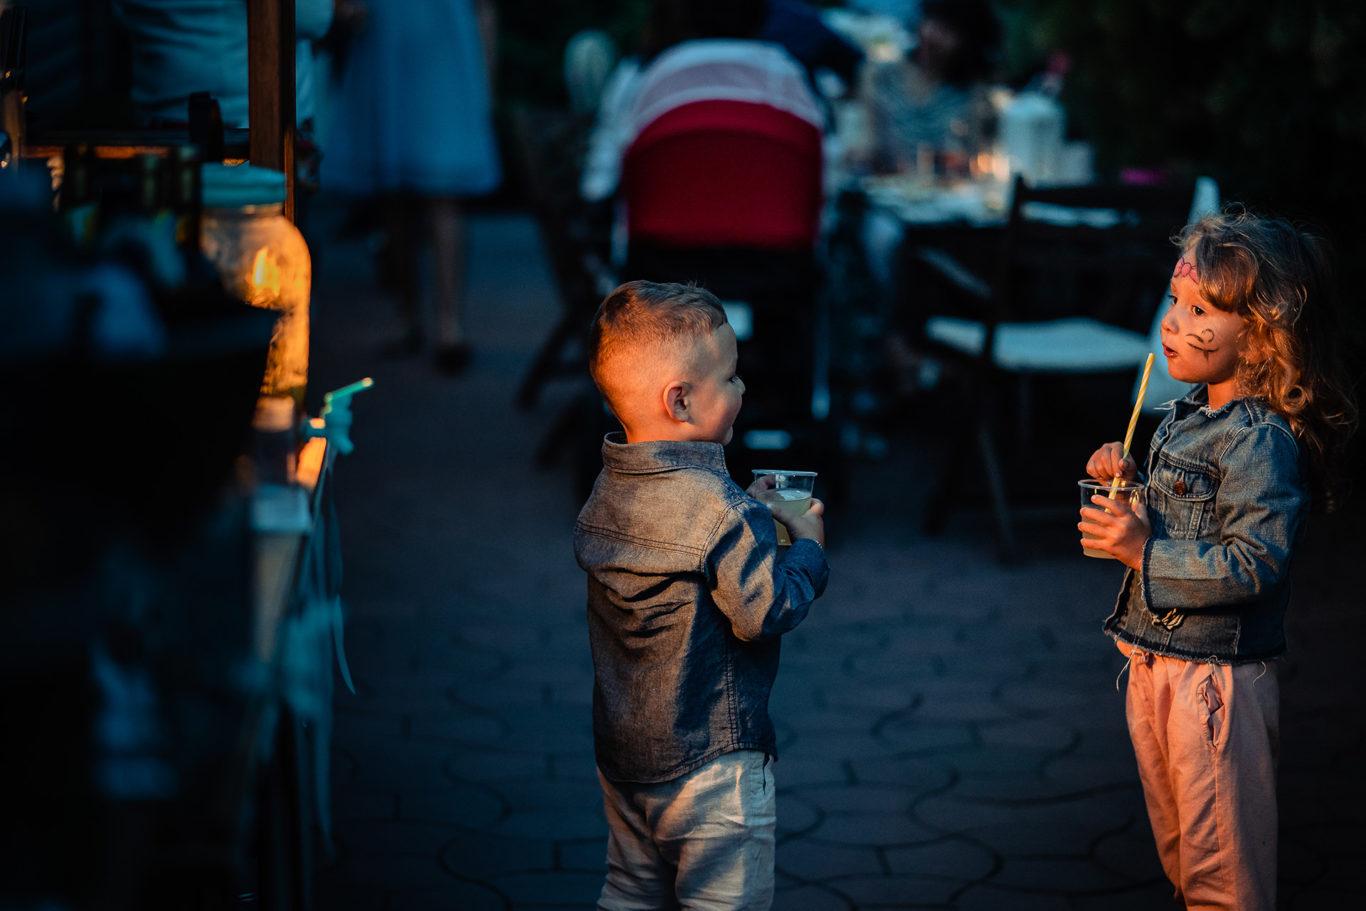 Portrete de copii - foto Ciprian Dumitrescu